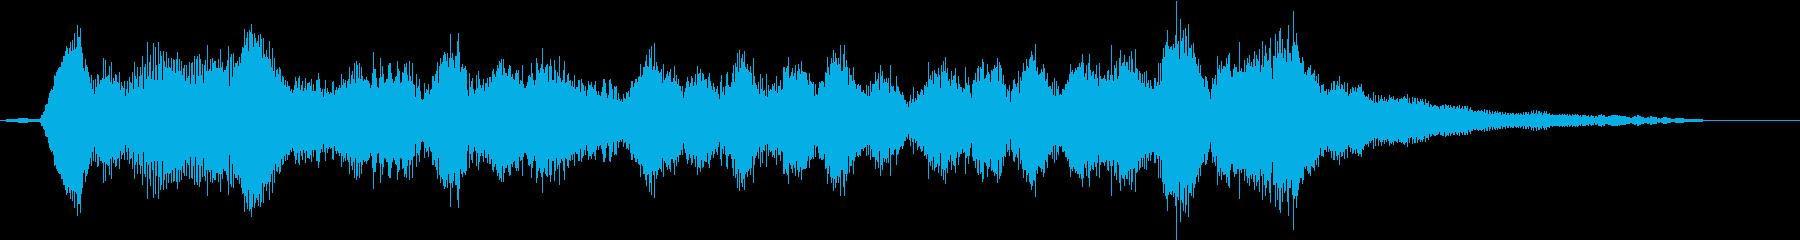 リアル弦楽四重奏の美しい重なりが印象的の再生済みの波形